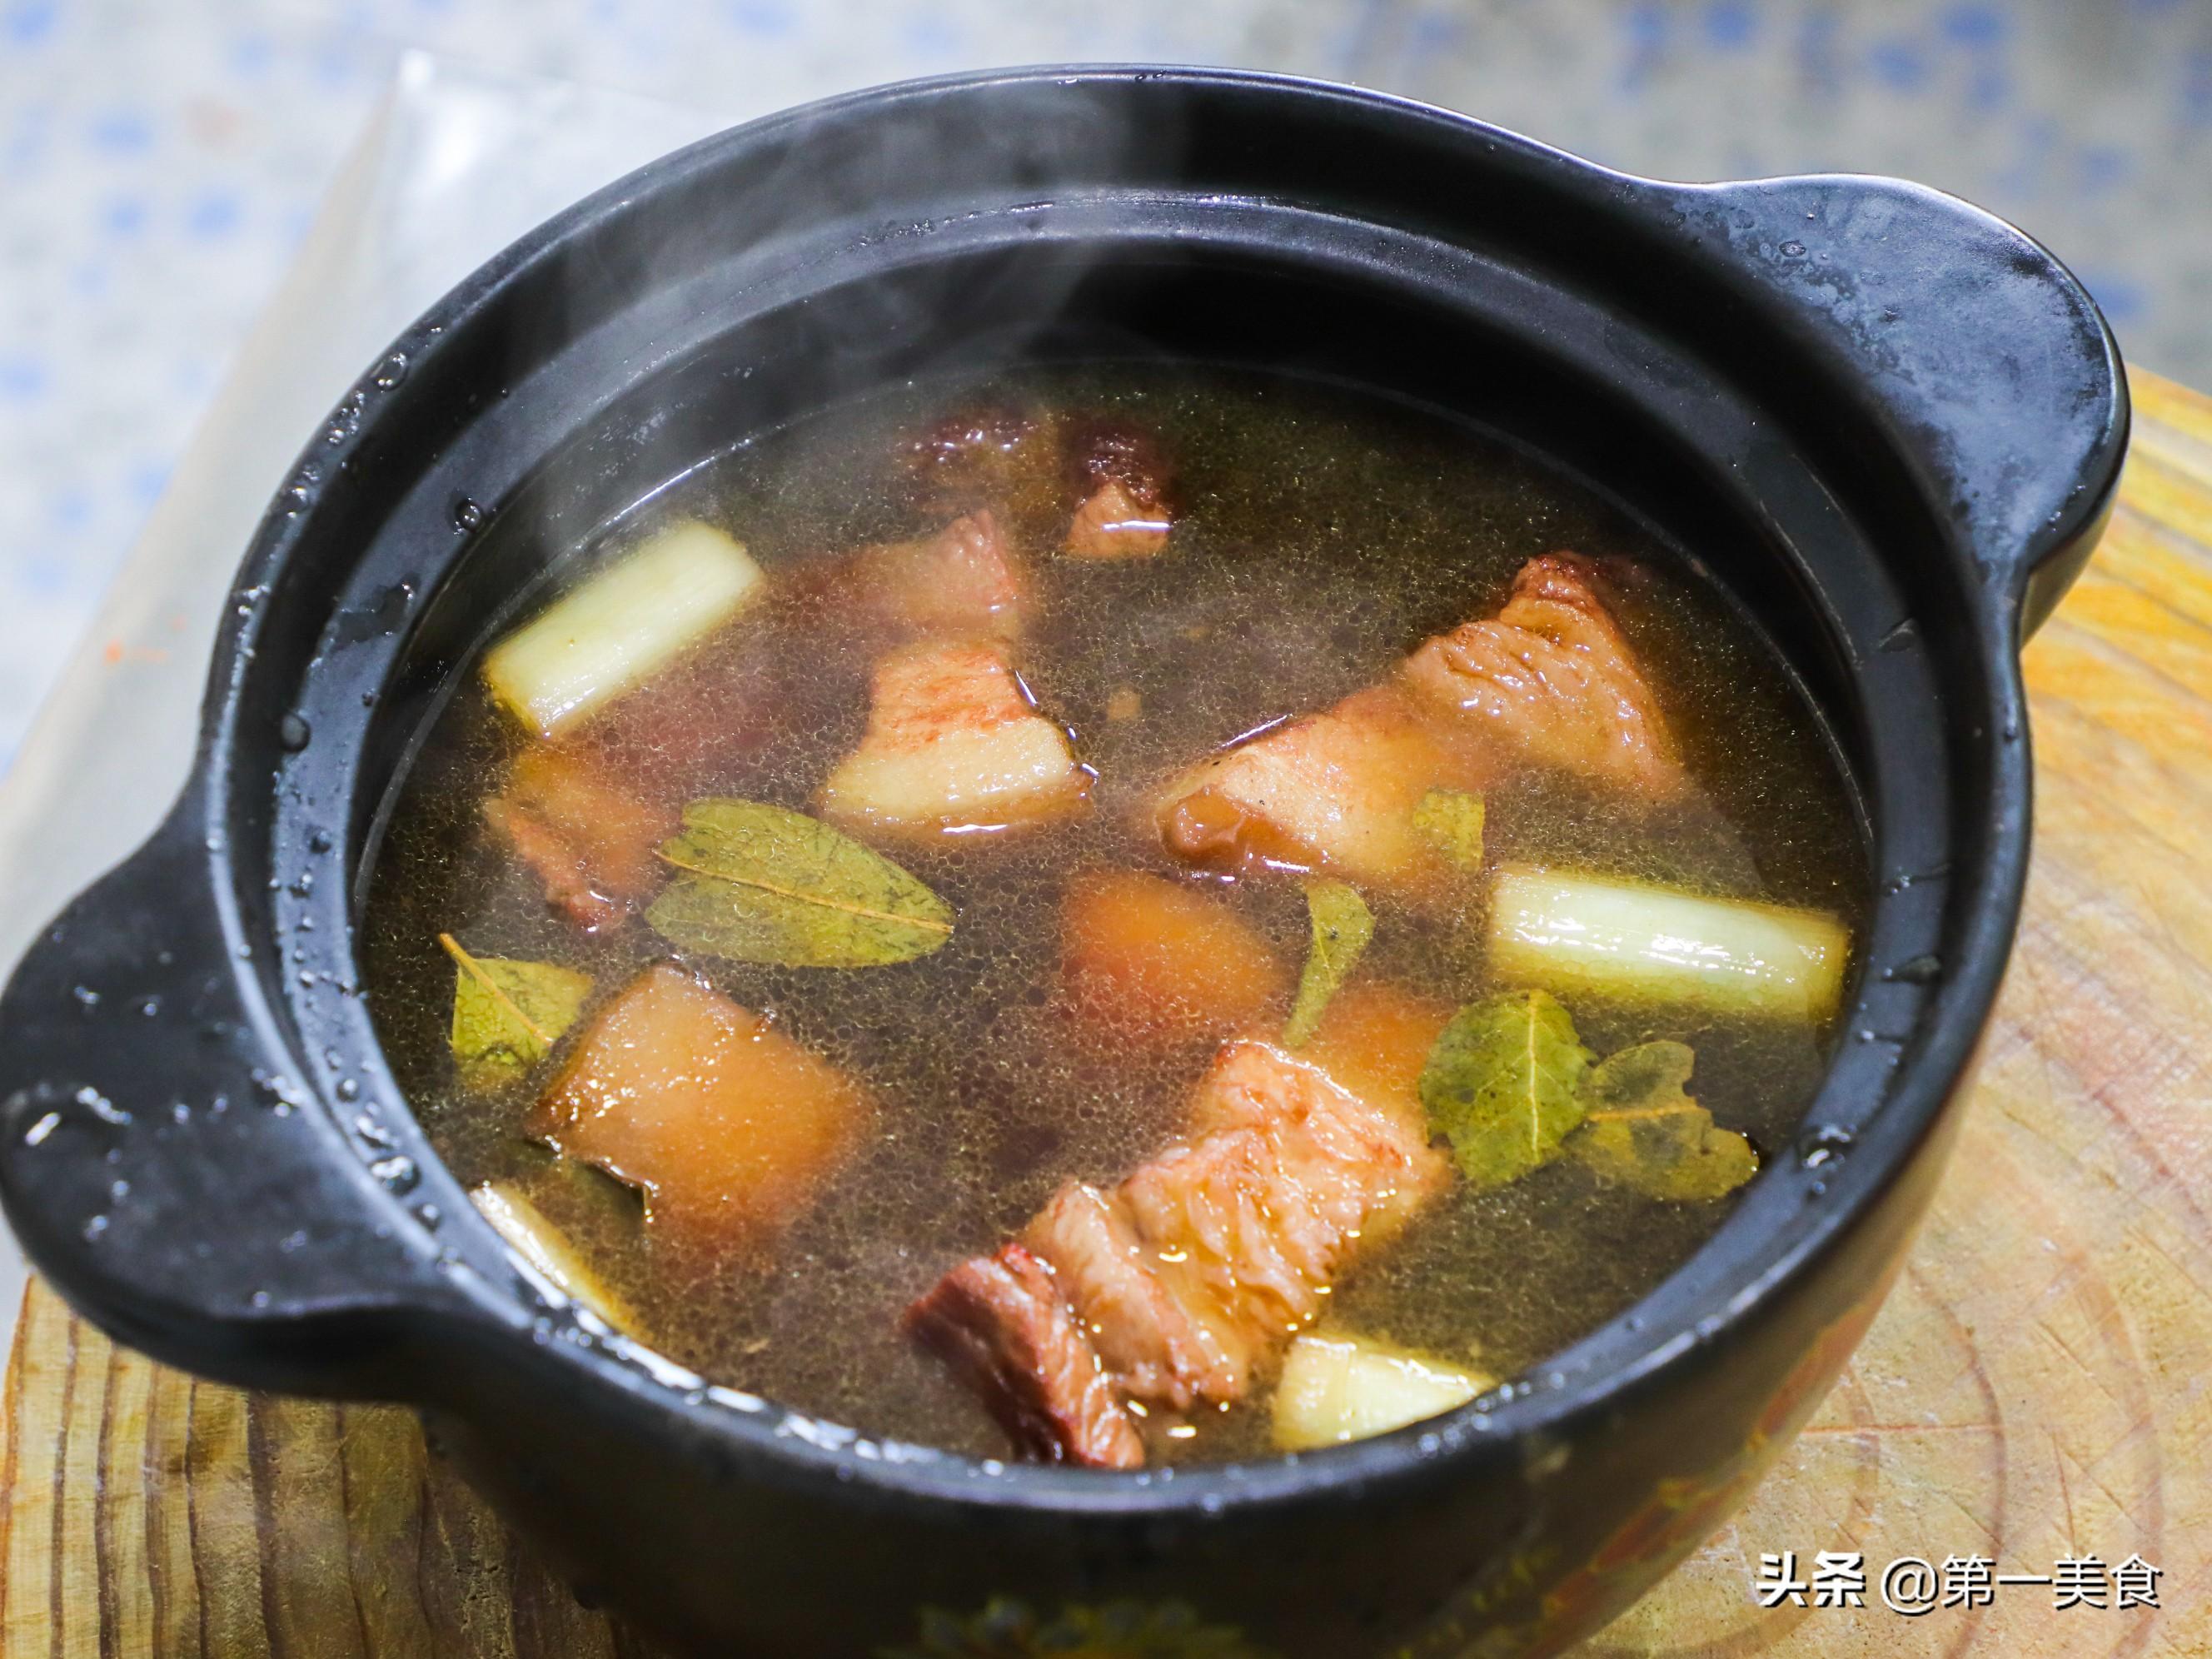 红烧肉最正确的家常做法,大厨把要点全告诉你,肥而不腻,太香了